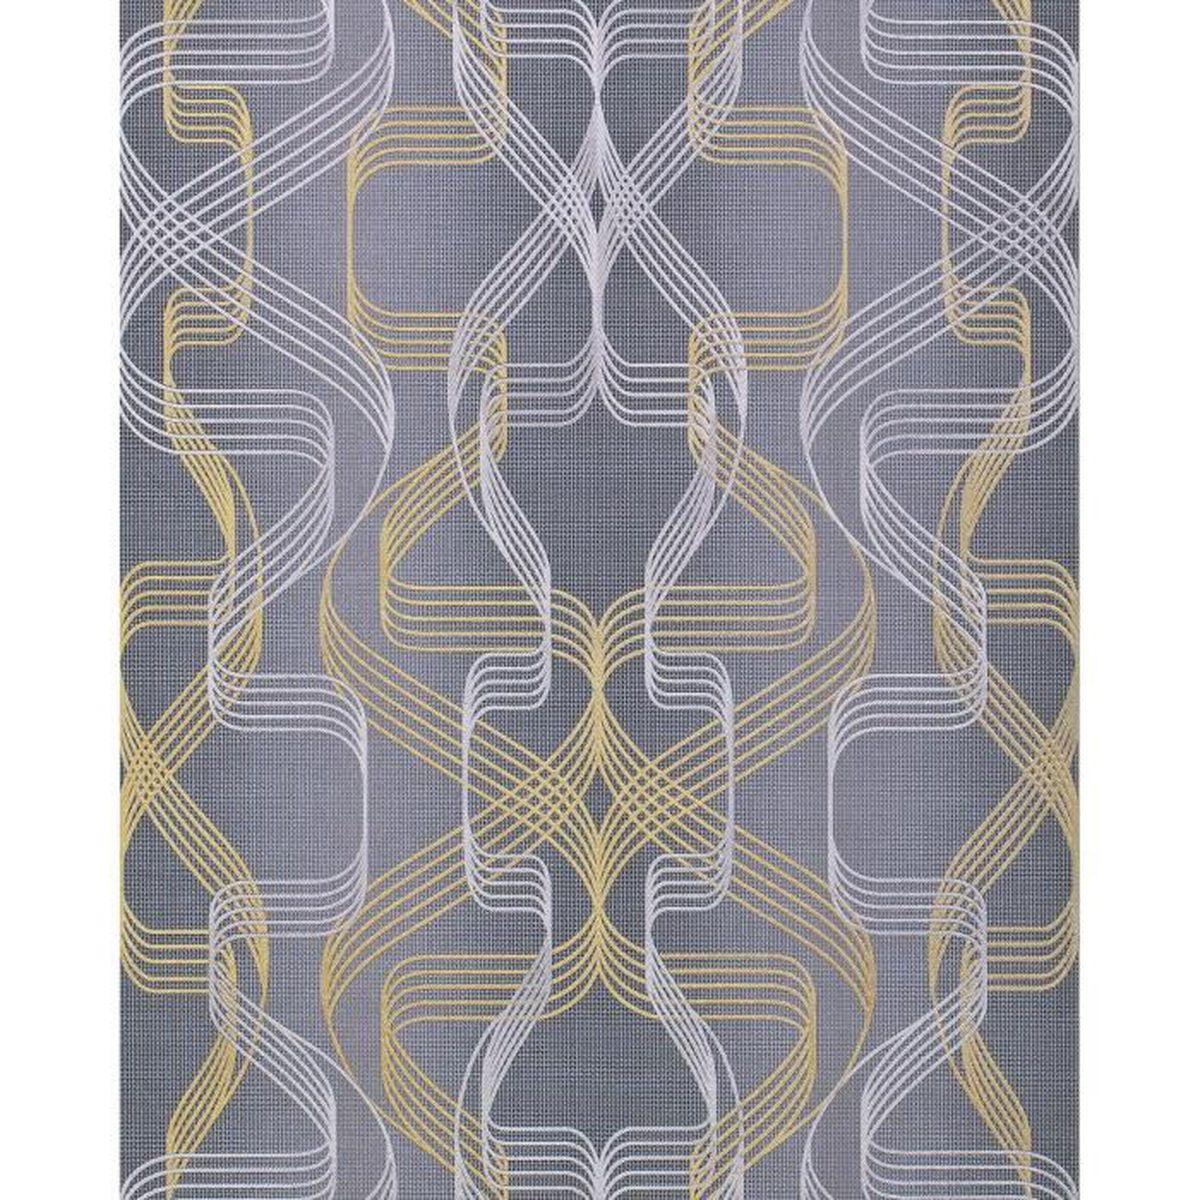 Papier peint motif graphique beautiful download by tablet - Decoller papier peint difficile ...